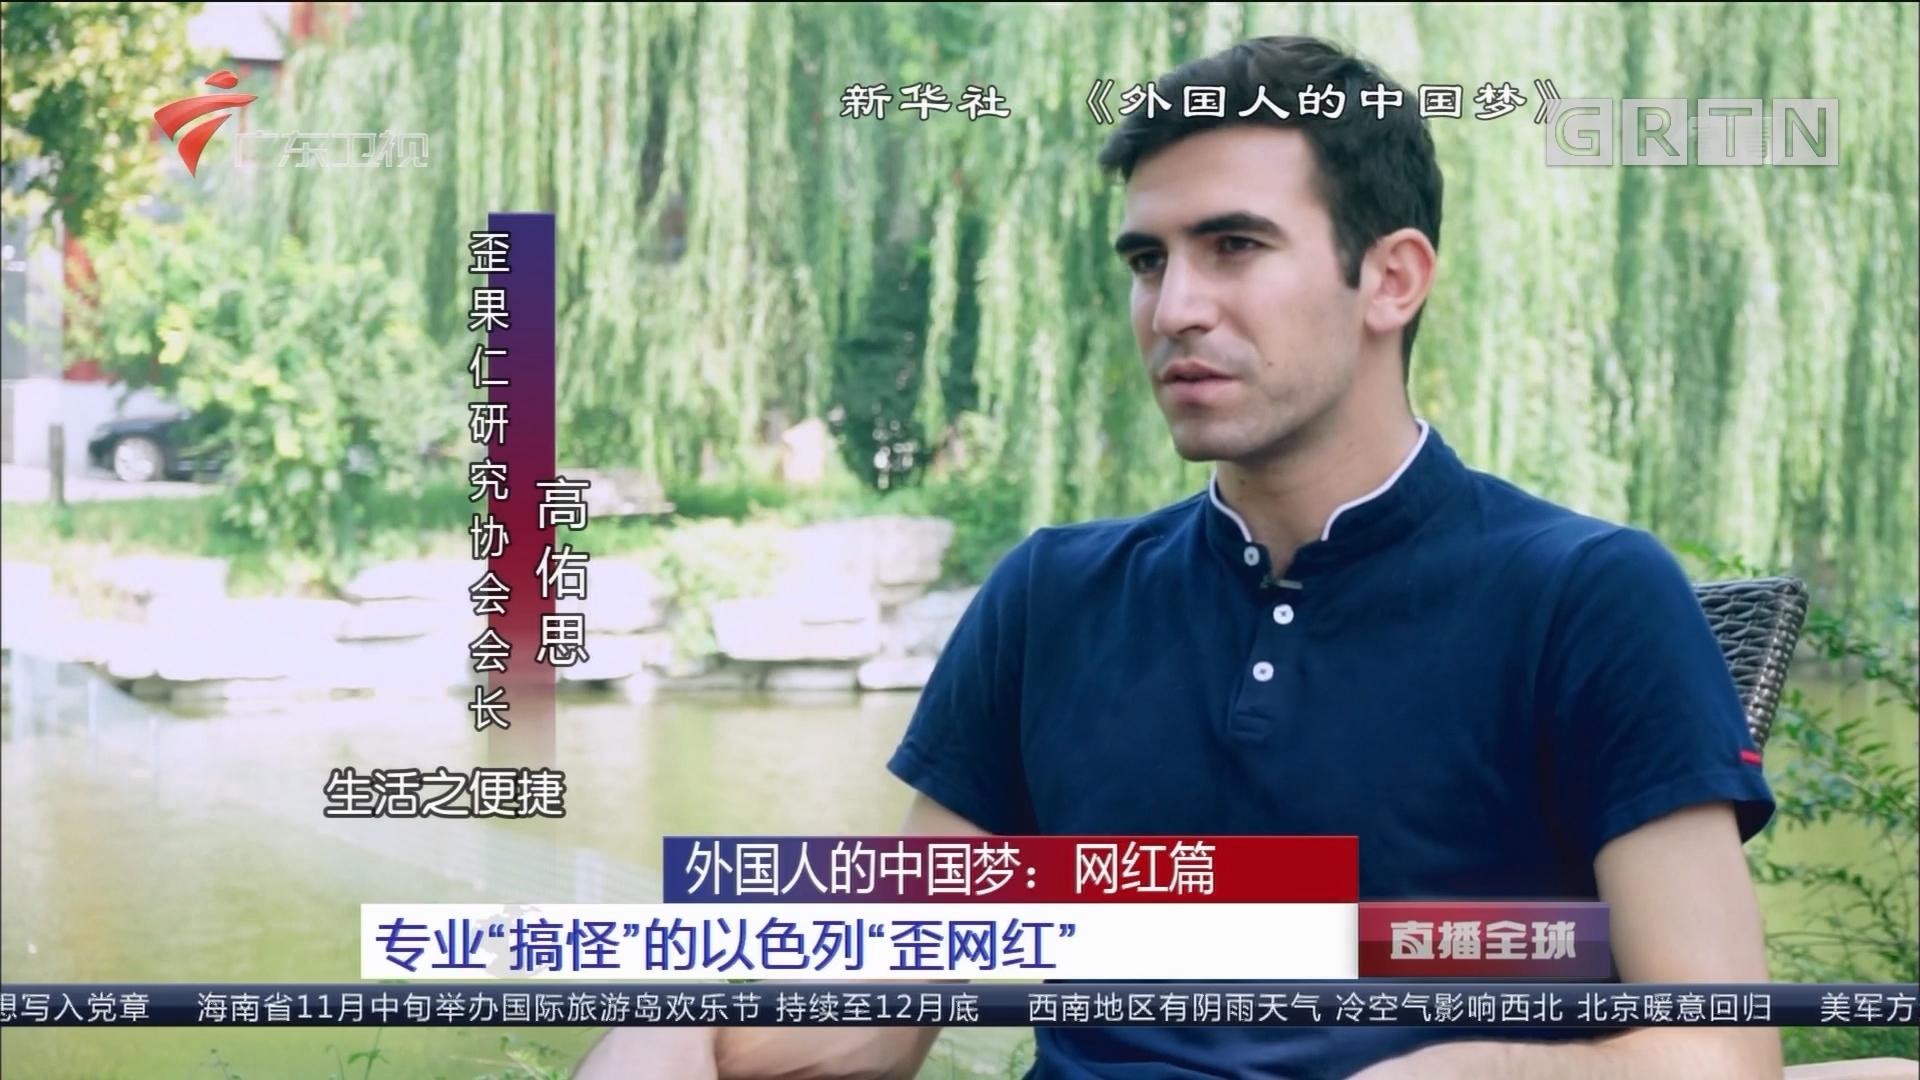 """外国人的中国梦:网红篇 专业""""搞怪""""的以色列""""歪网红"""""""